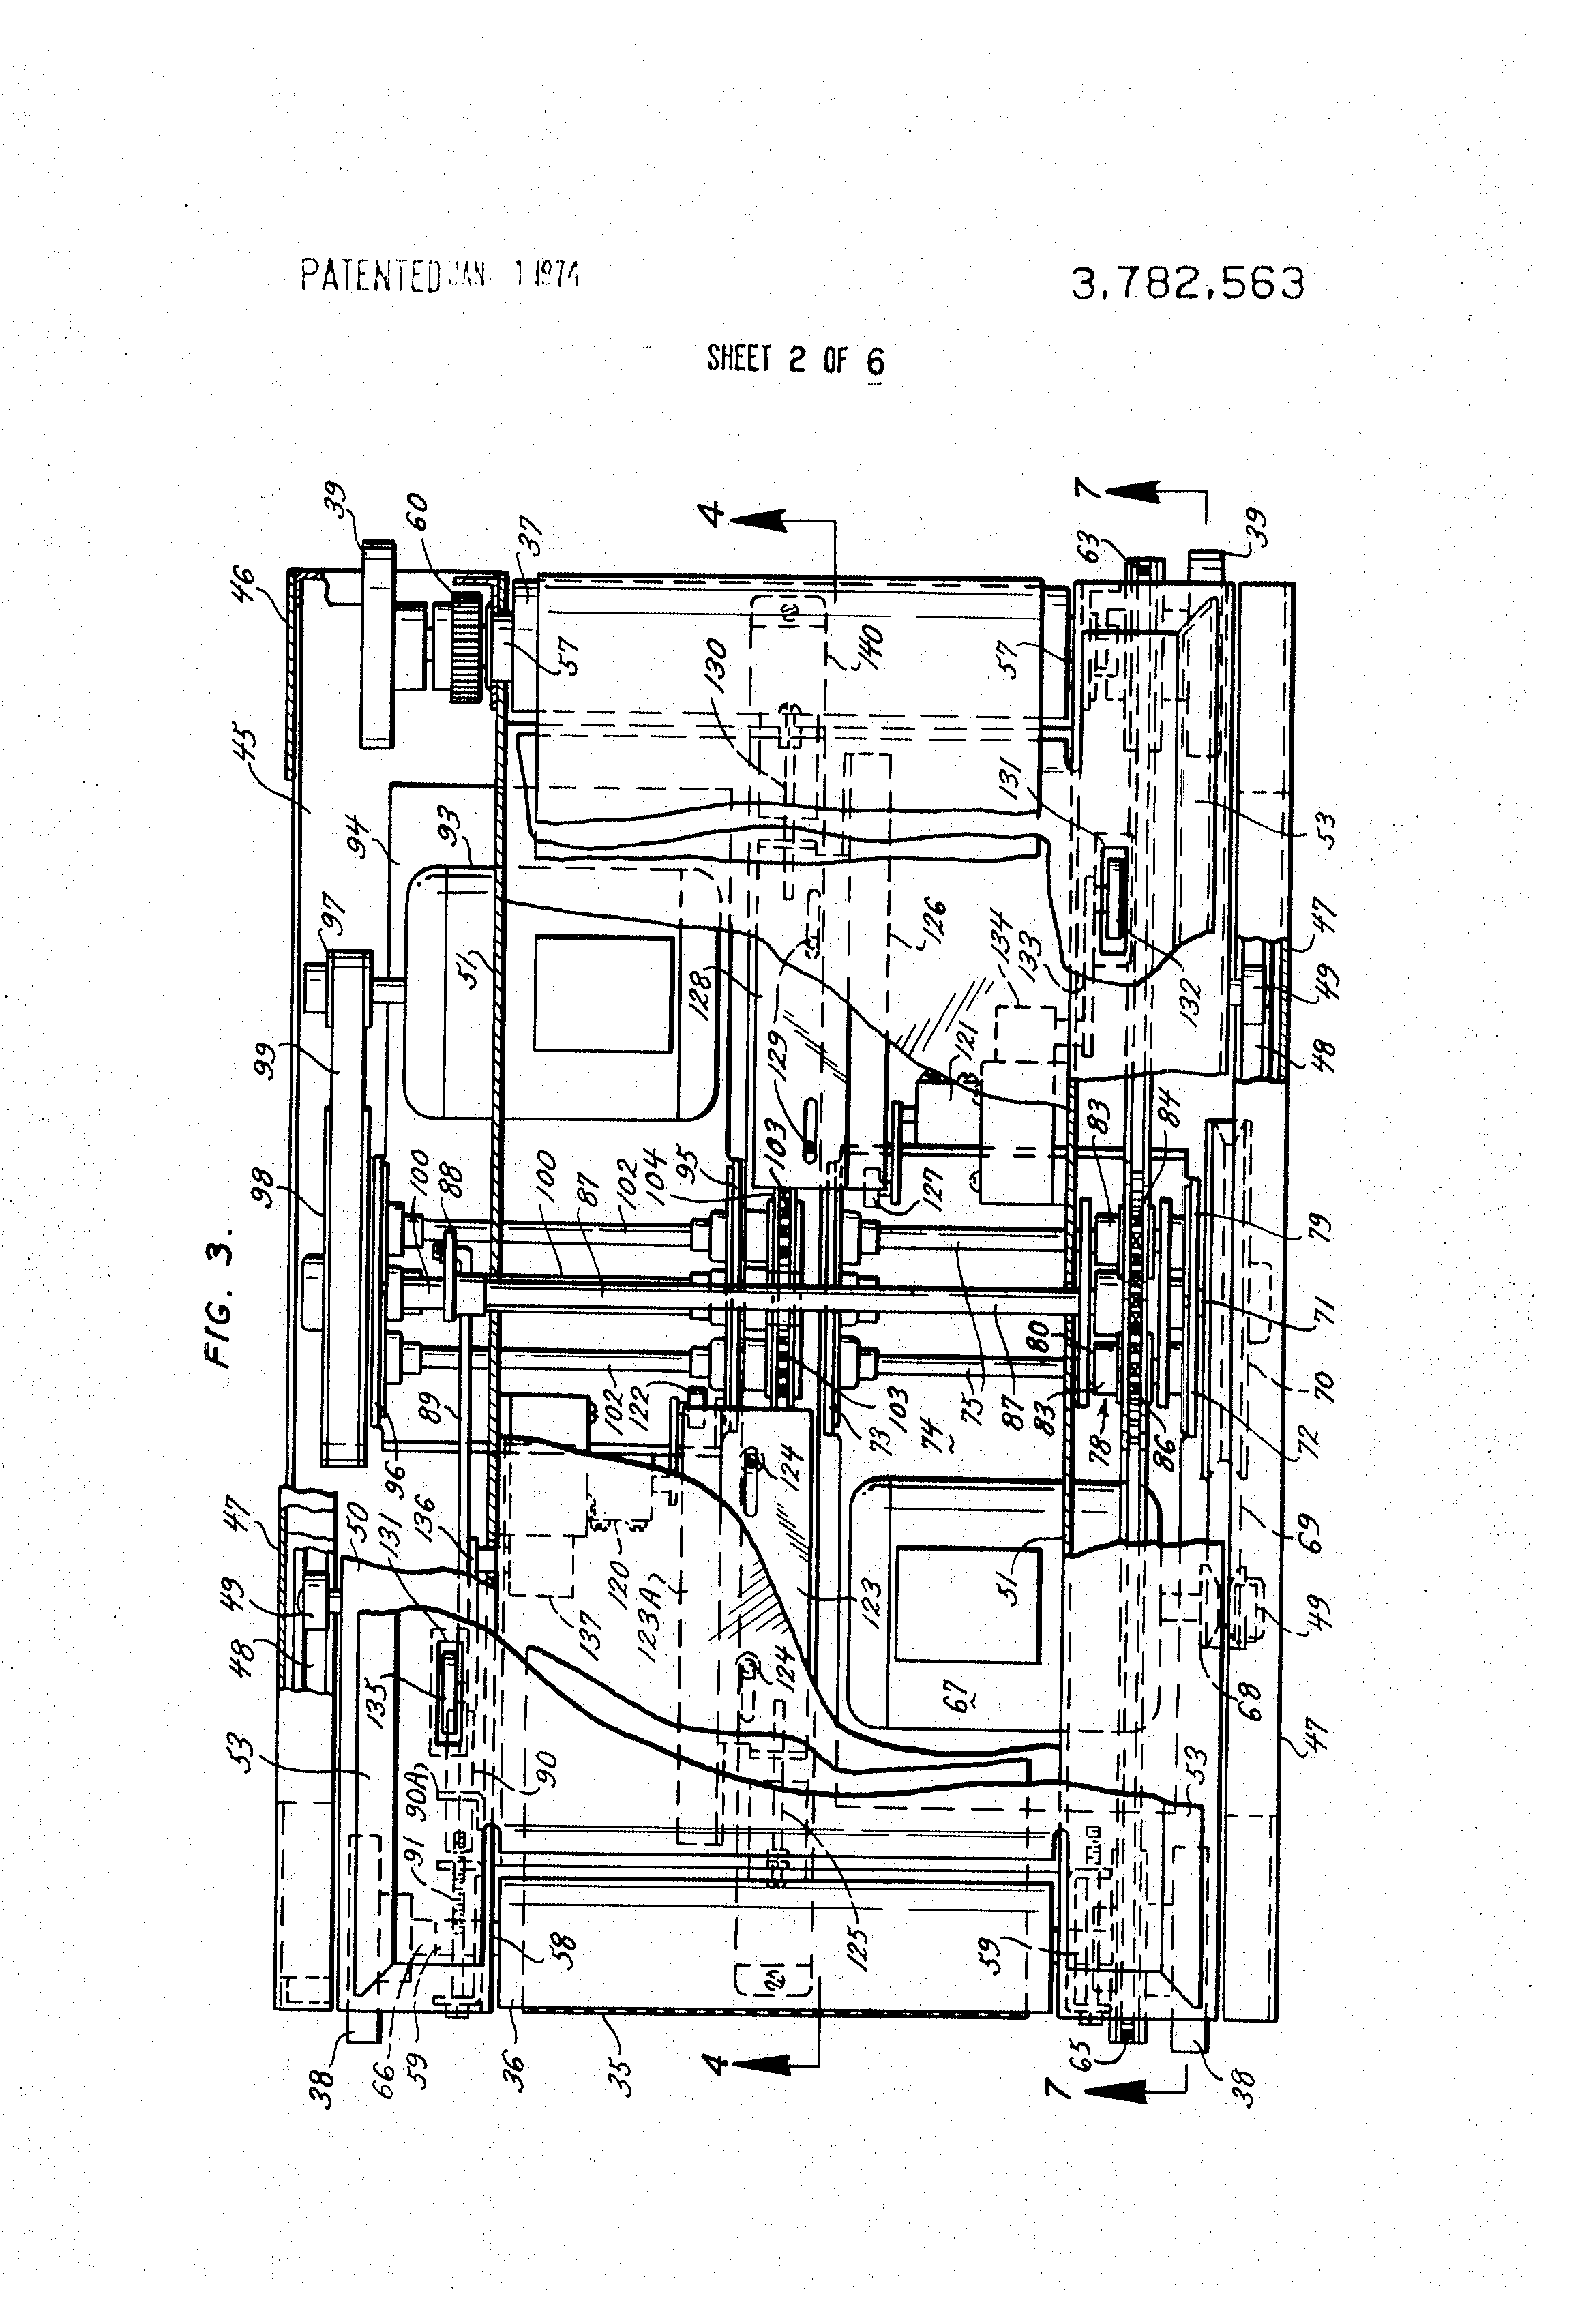 Swell Dumbwaiter Wiring Diagram Wiring Diagram Data Wiring 101 Vihapipaaccommodationcom